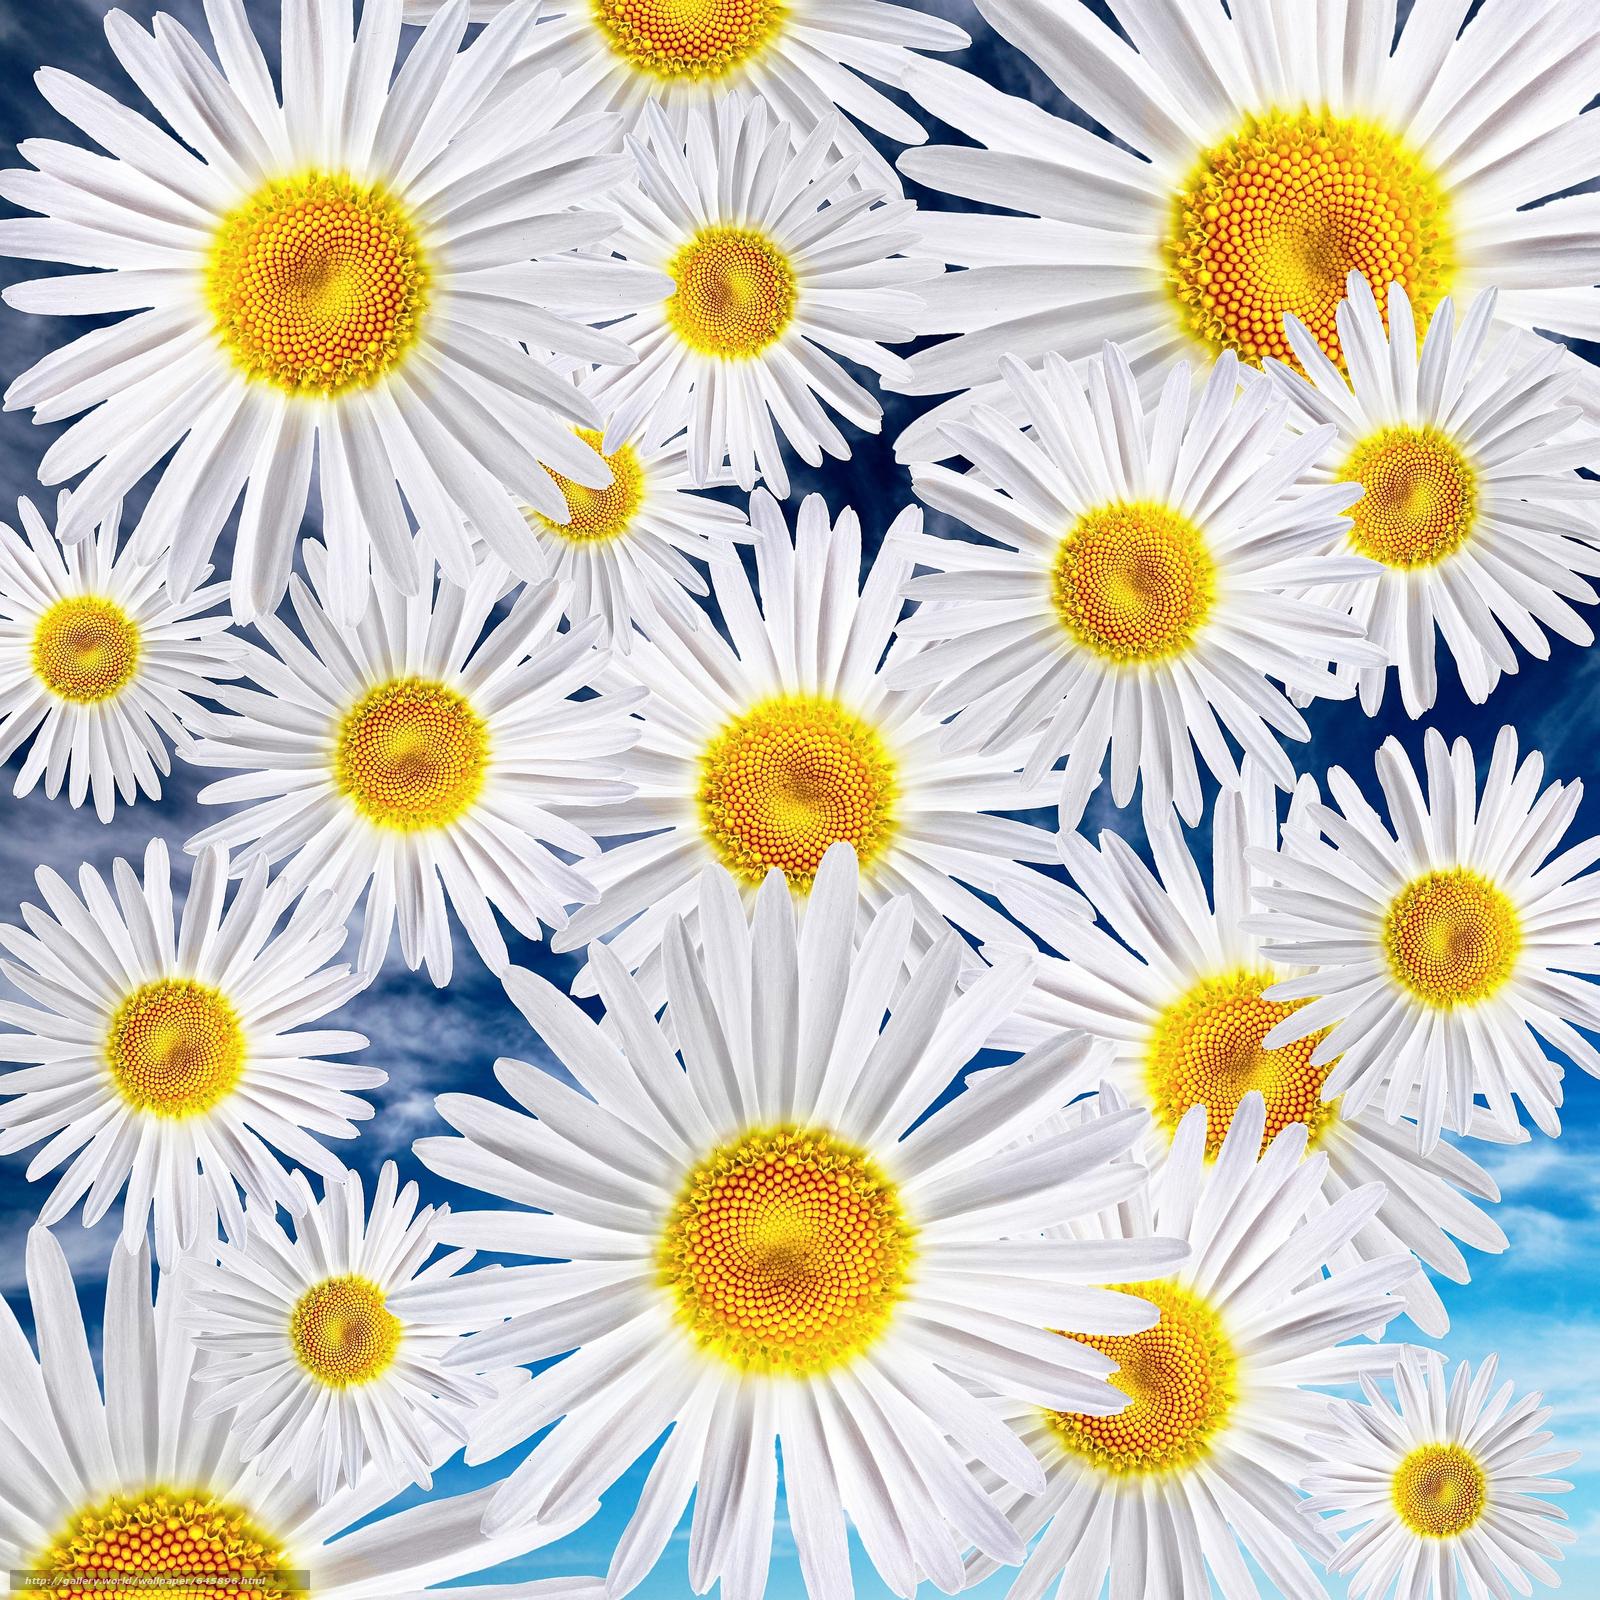 Скачать обои цветы,  ромашки,  цветочный фон бесплатно для рабочего стола в разрешении 6336x6336 — картинка №645896